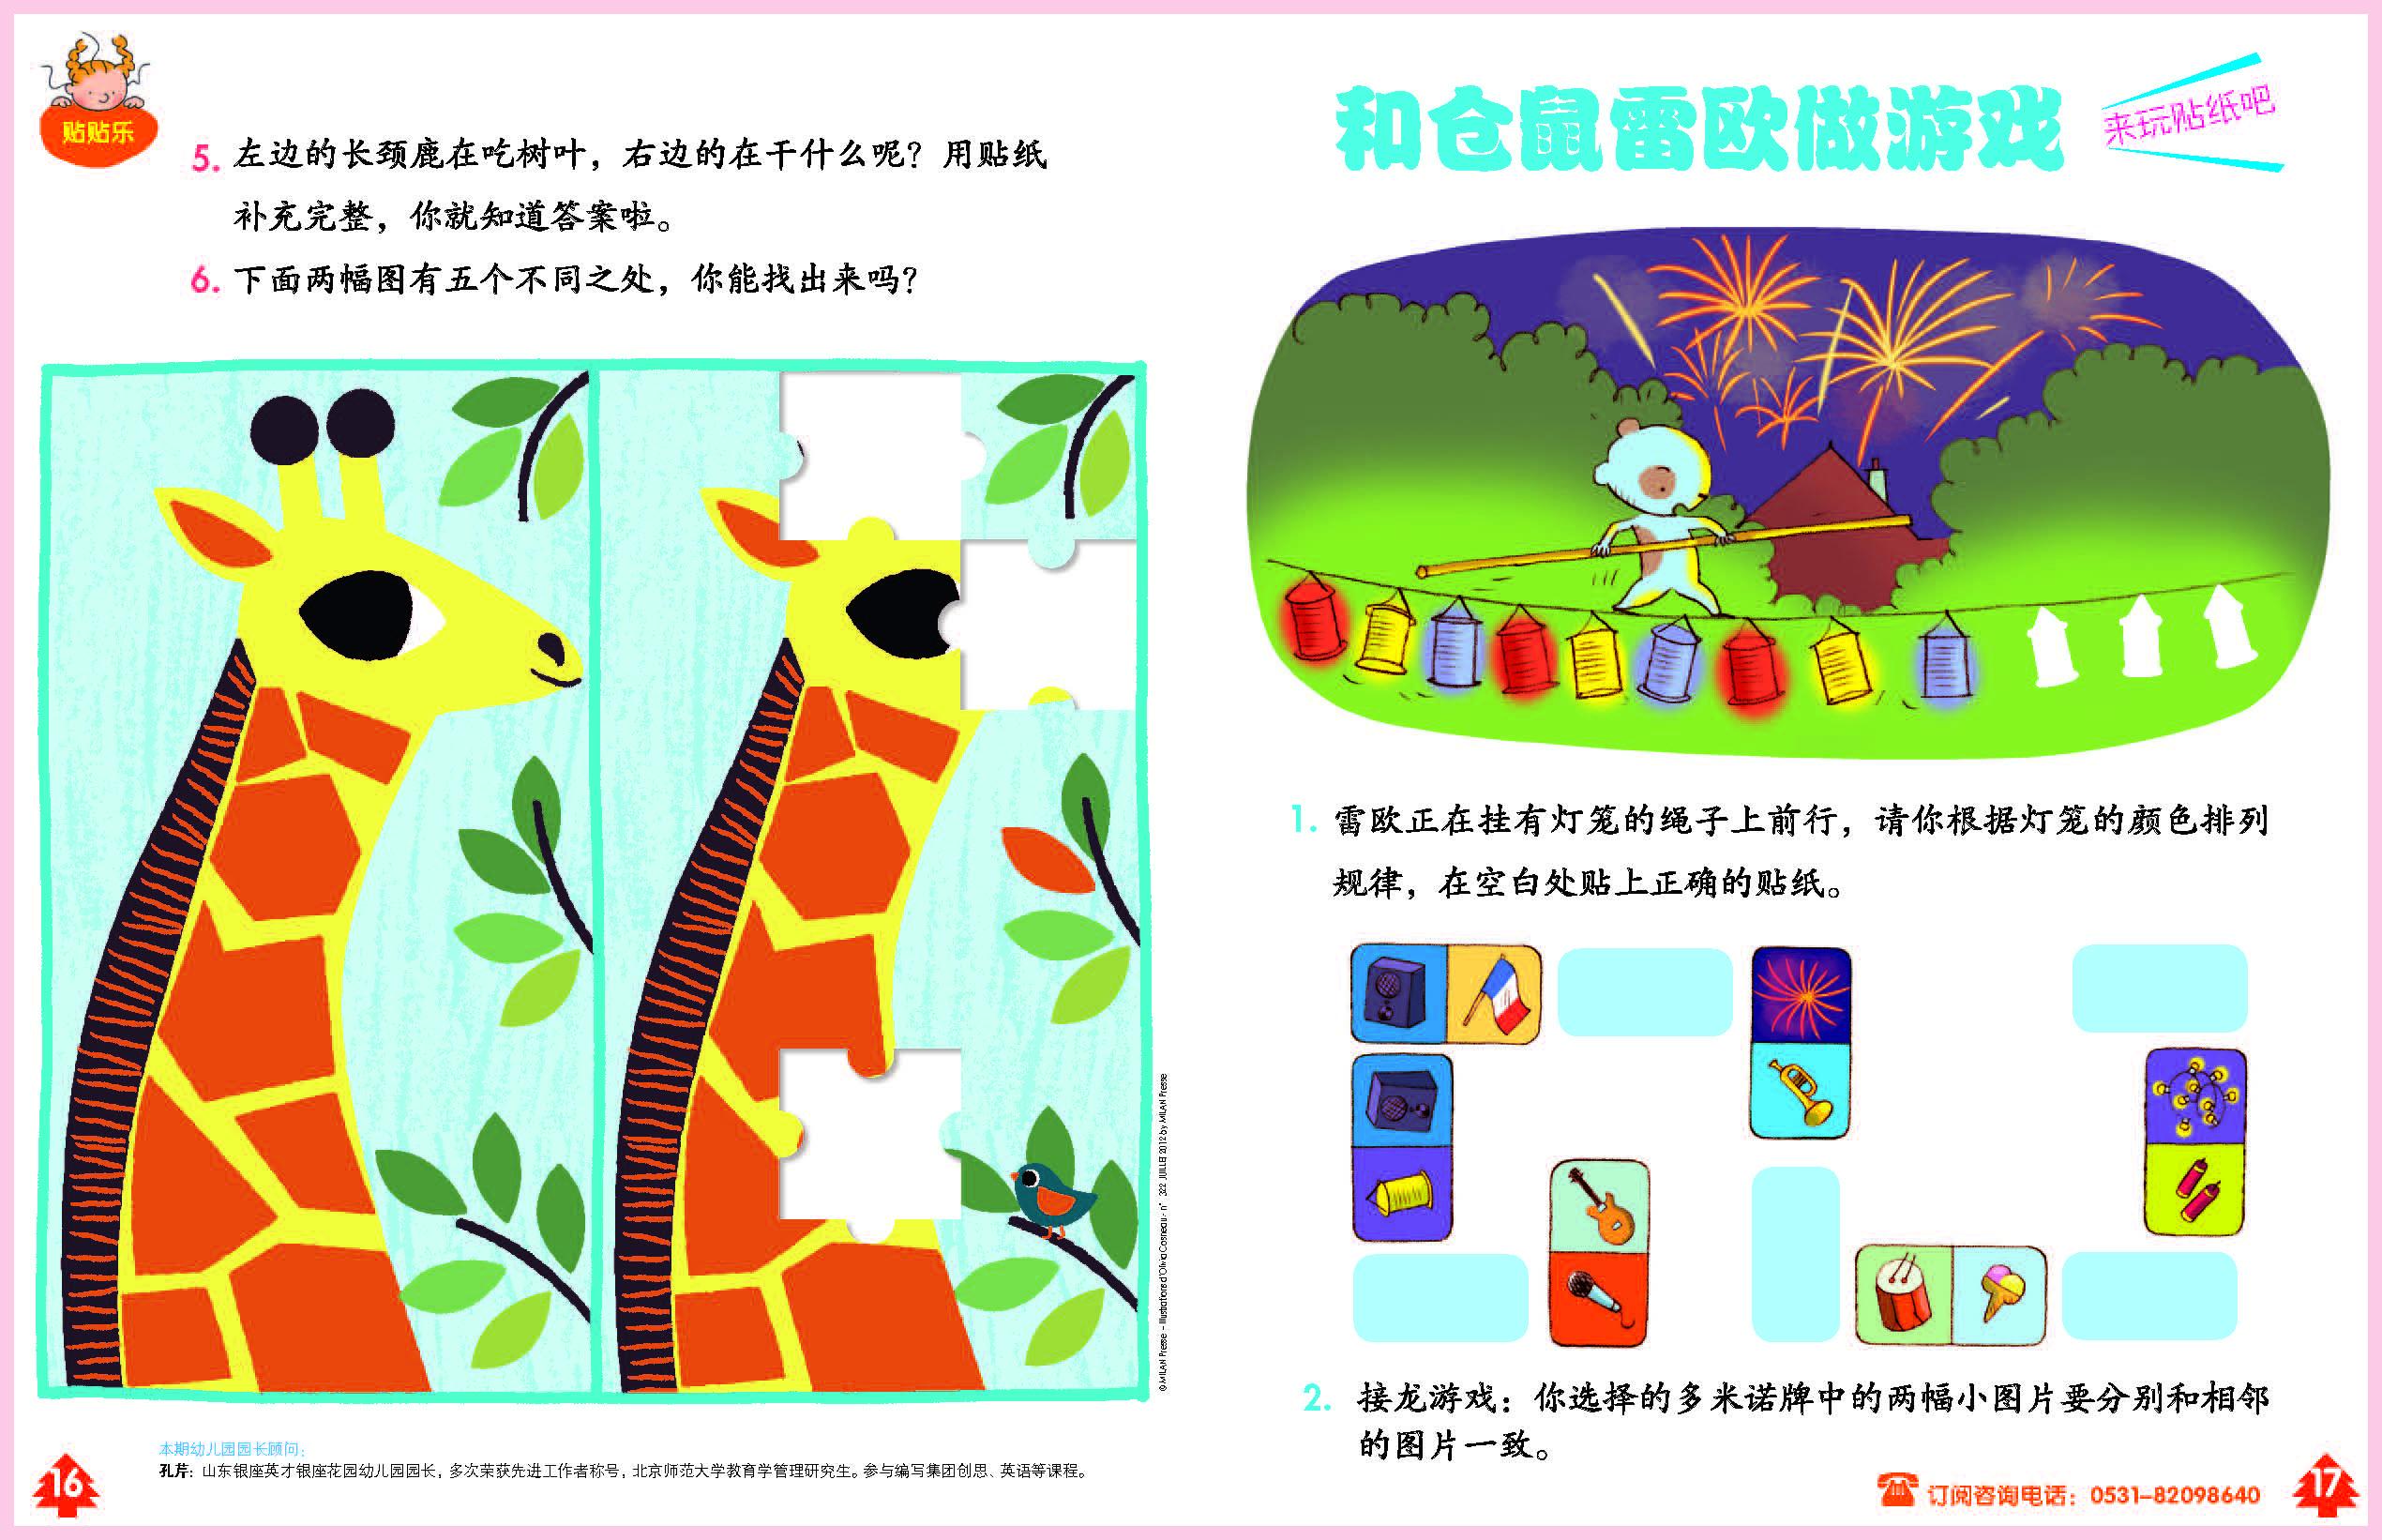 游戏:你选择的多米诺牌和中的两幅小图片要分别和相邻的图片一致。